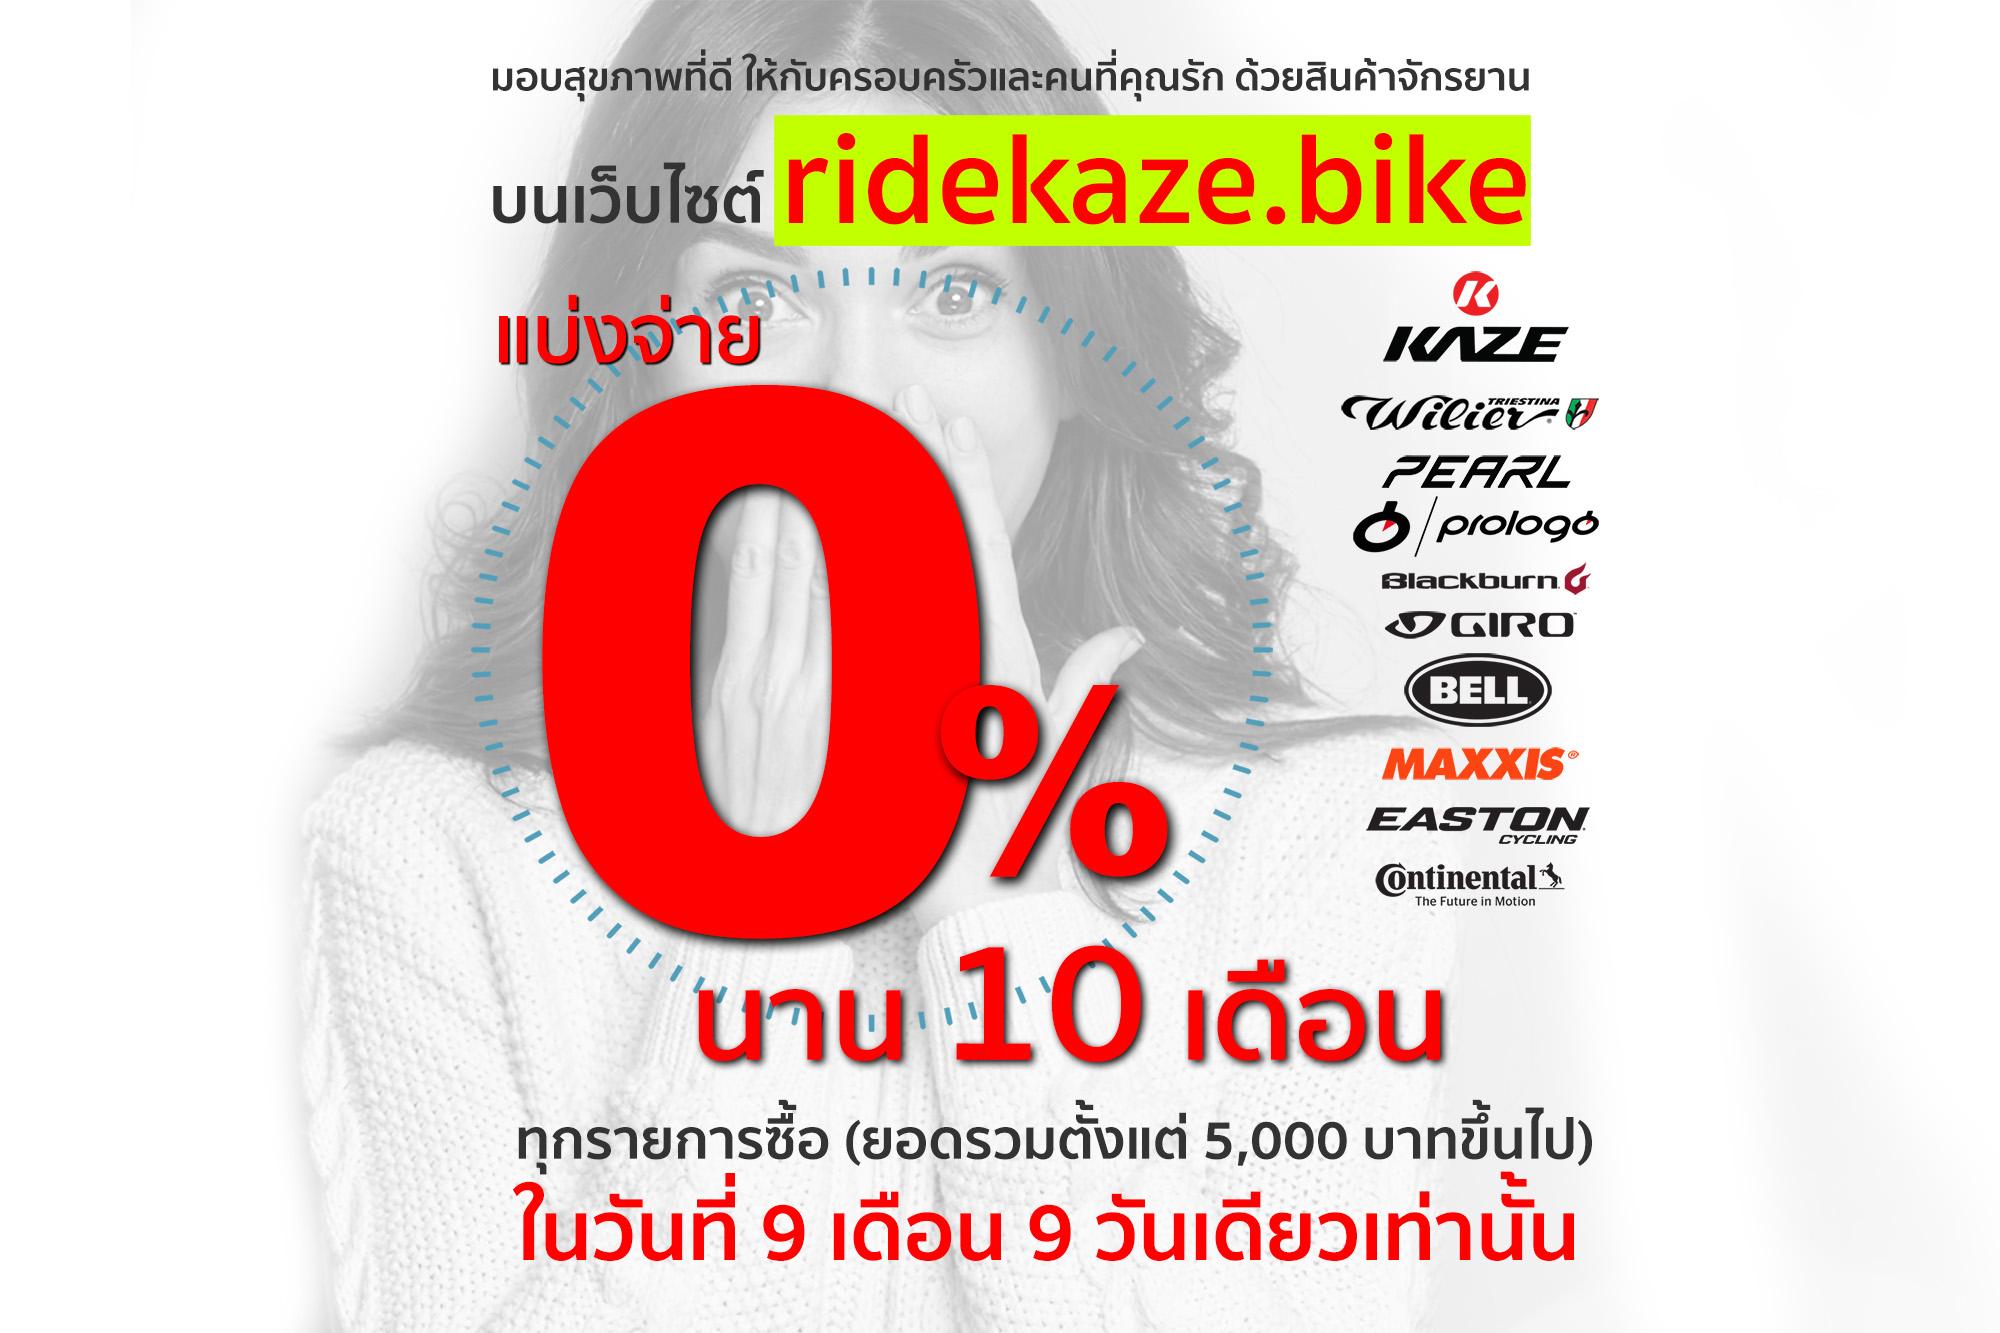 9 เดือน 9 วันเดียวเท่านั้น.. ซื้อสินค้าและแบ่งชำระ 0% ได้นาน 10เดือน (โดยไม่มีดอกเบี้ย) บนเว็บไซต์ ridekaze.bike